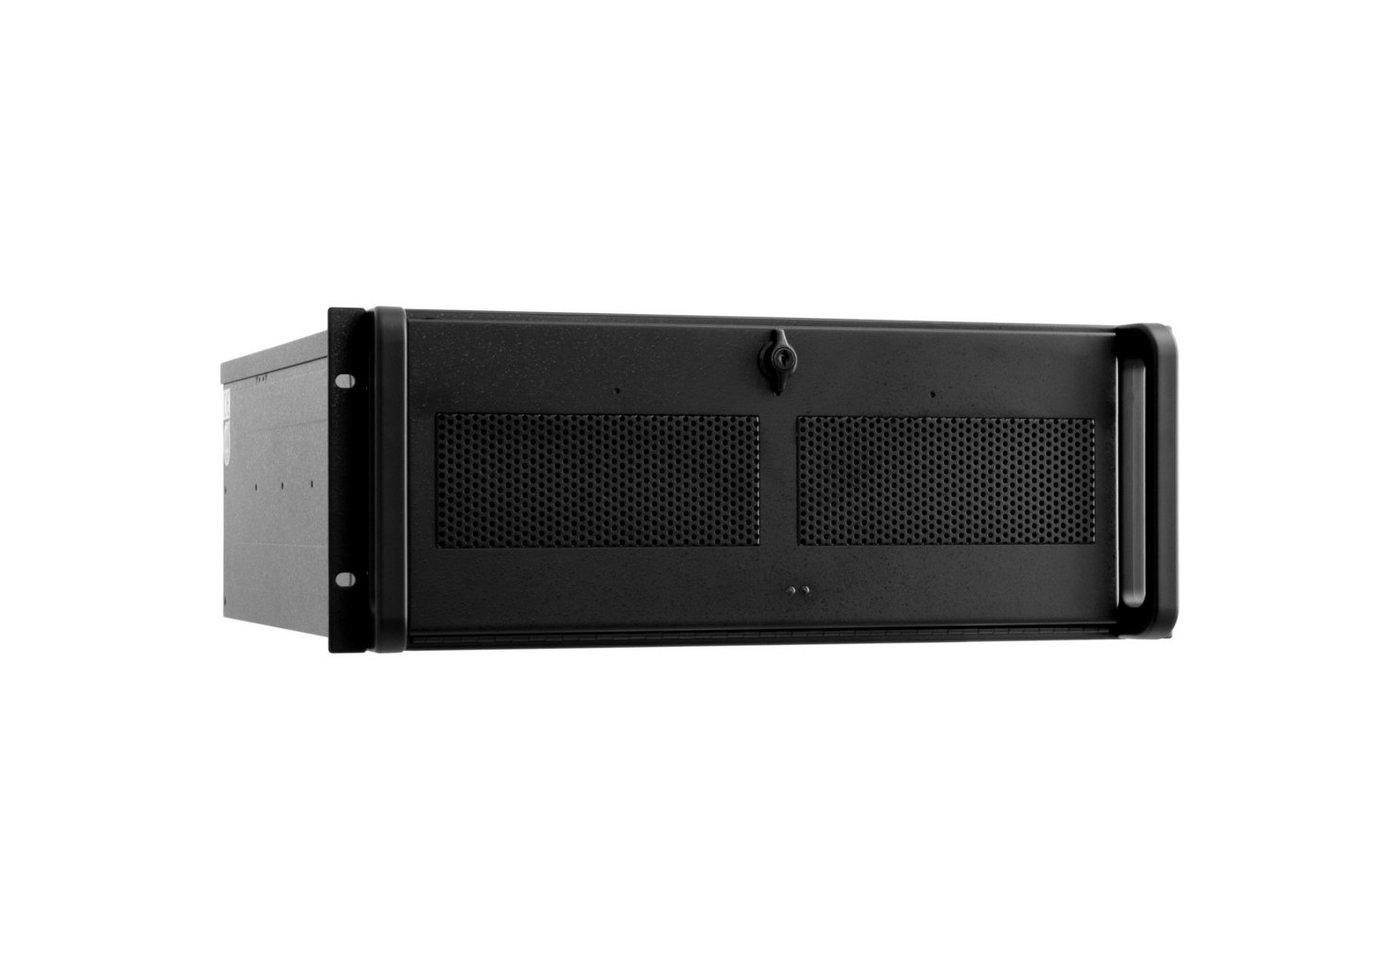 Chieftec Rack, Server-Gehäuse »UNC-410S-B« - Preisvergleich